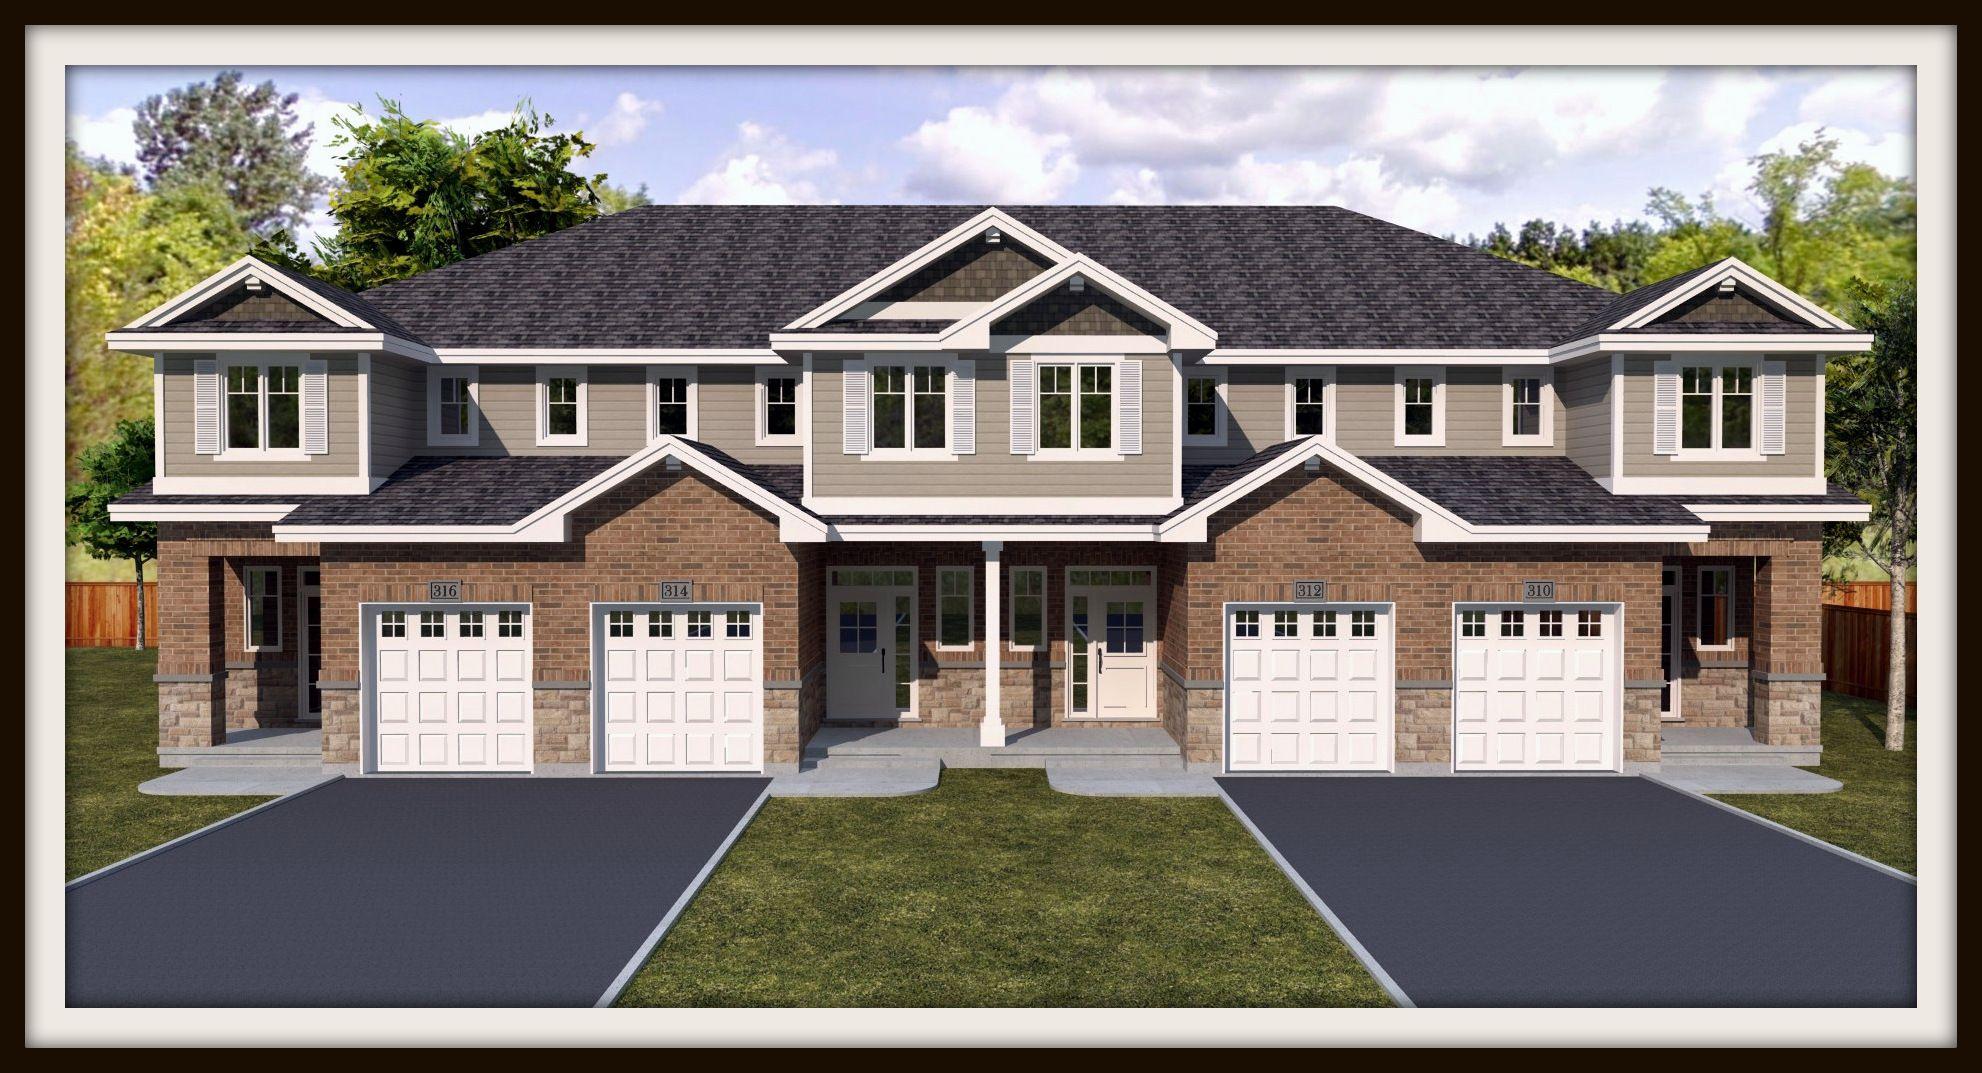 Barr model homes